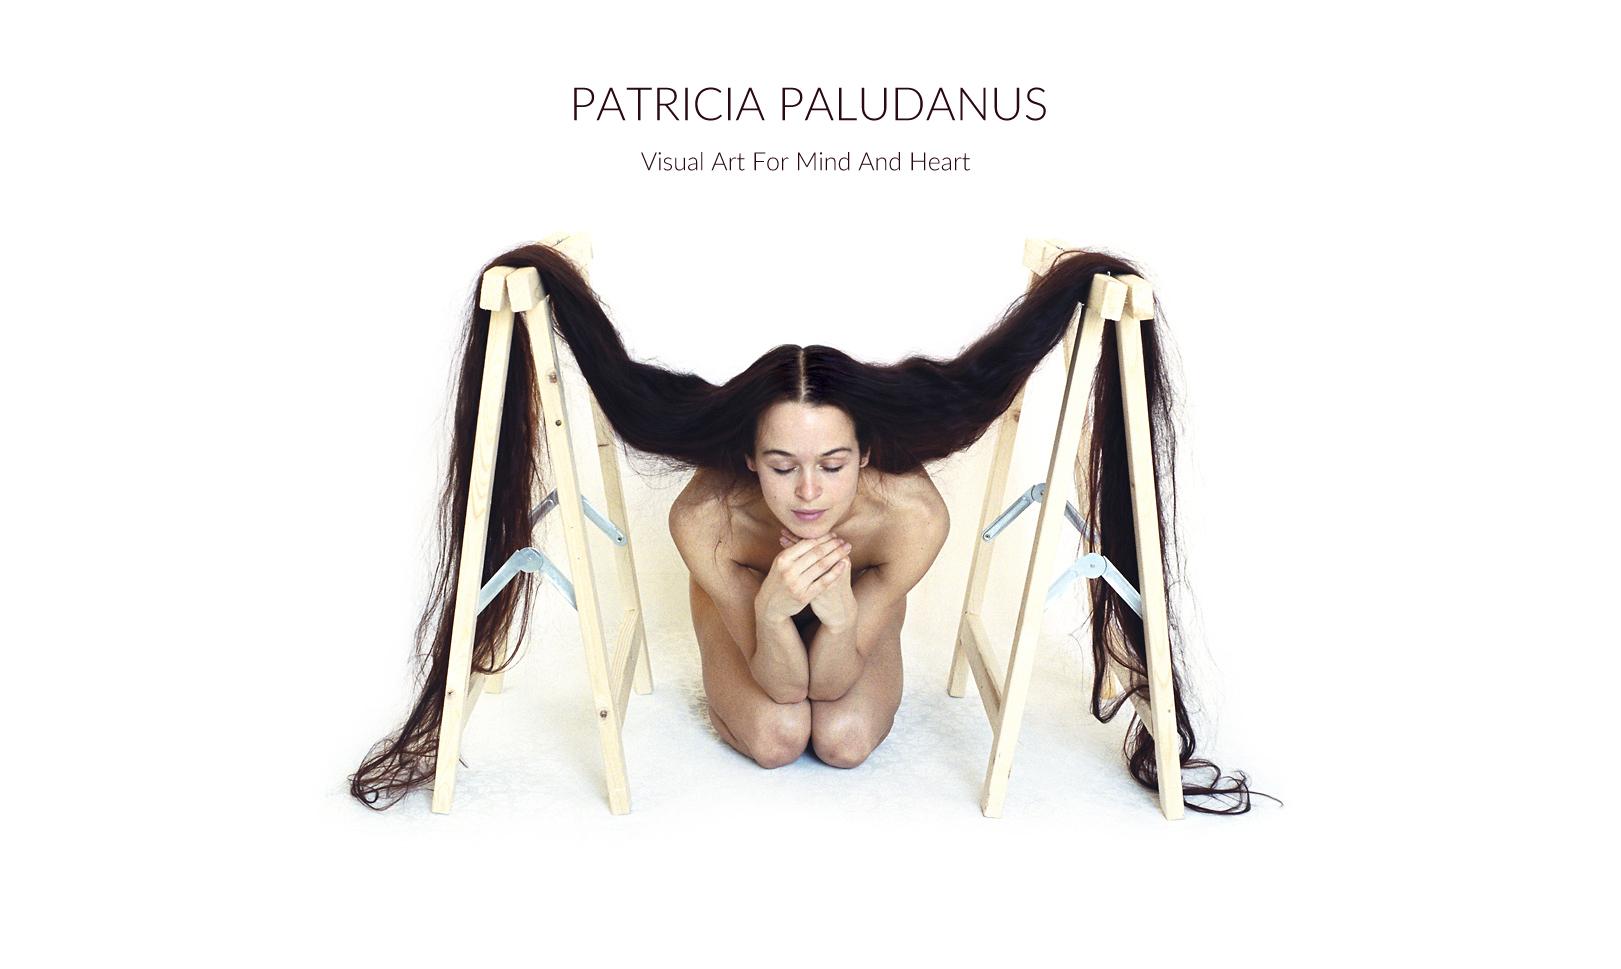 Zelfportret met lang los haar op schragen tegen een witte achtergrond